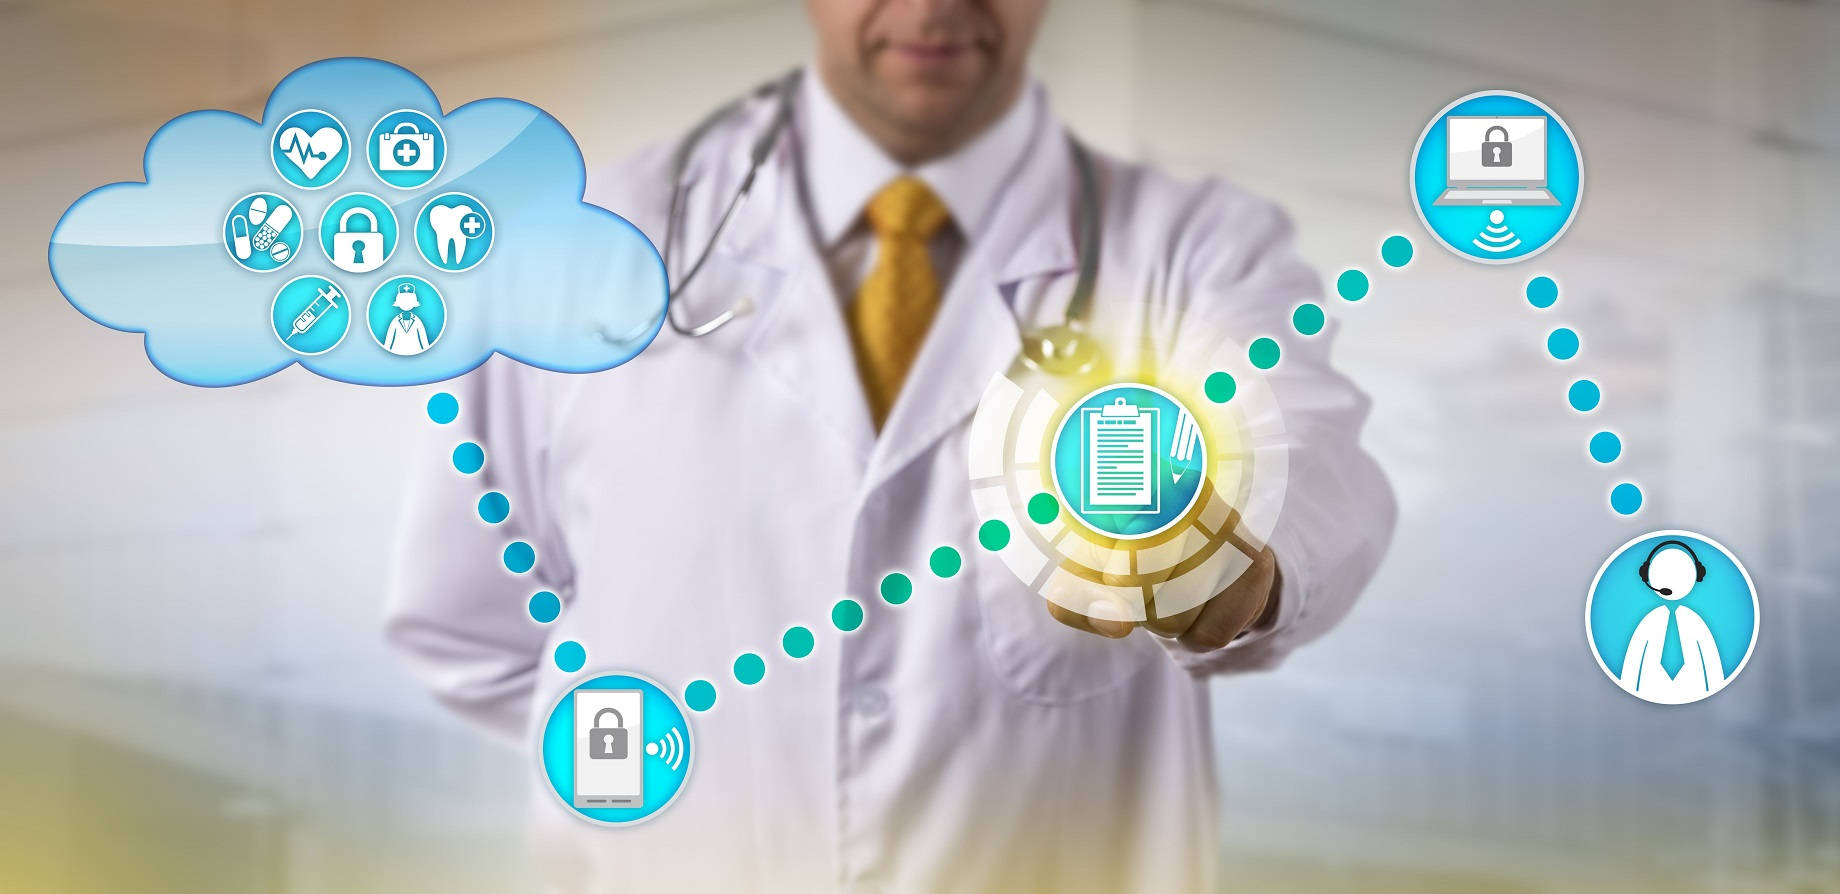 Patientendaten-Schutz-Gesetz: Informationssicherheit in Krankenhäusern